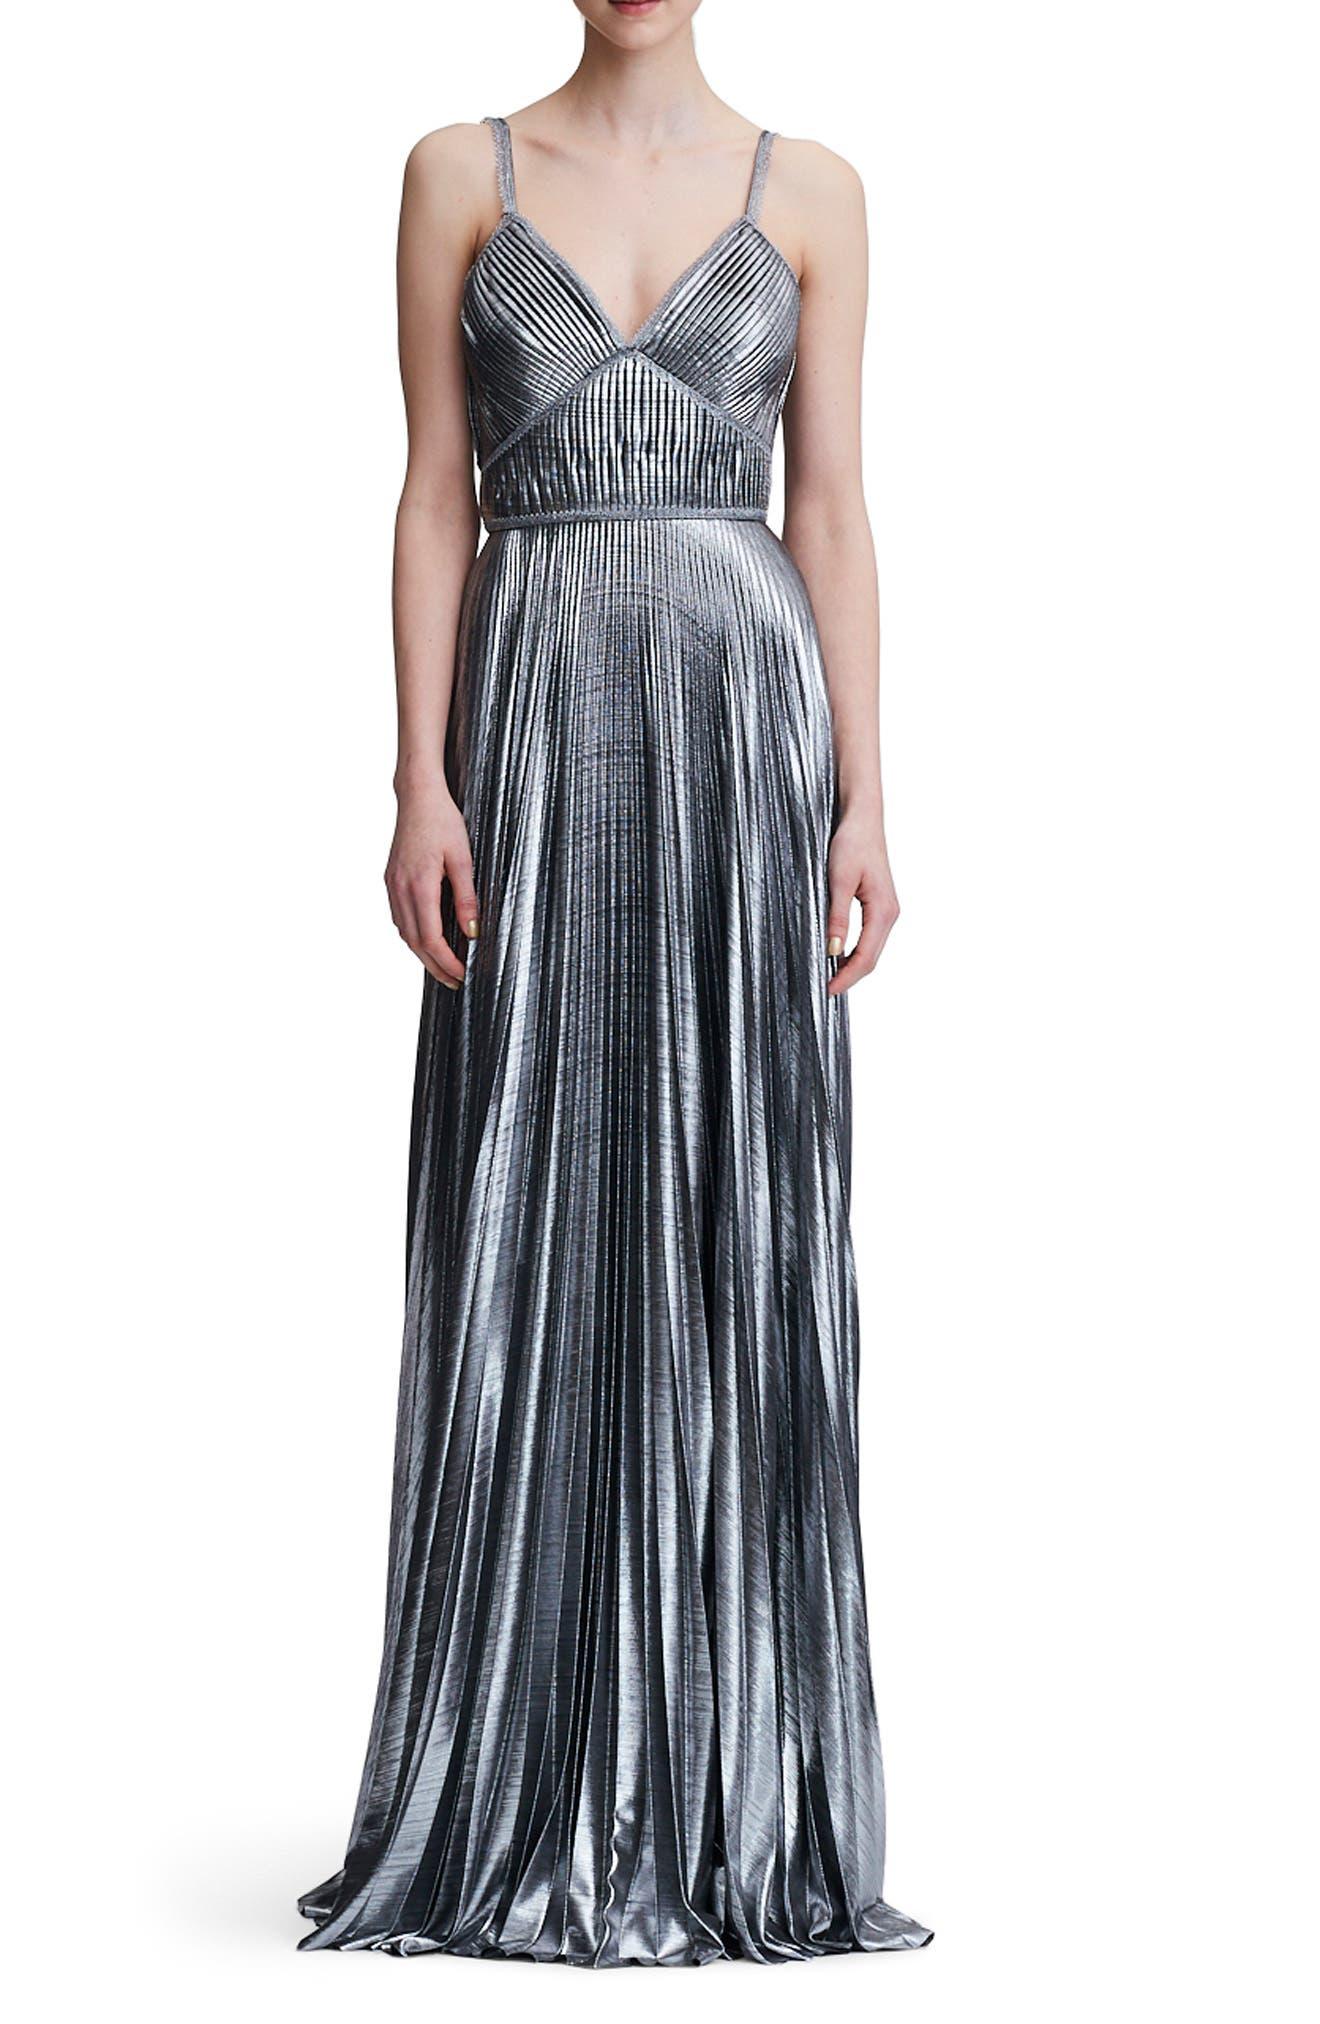 MARCHESA NOTTE, Pleated Lamé A-Line Gown, Main thumbnail 1, color, SILVER